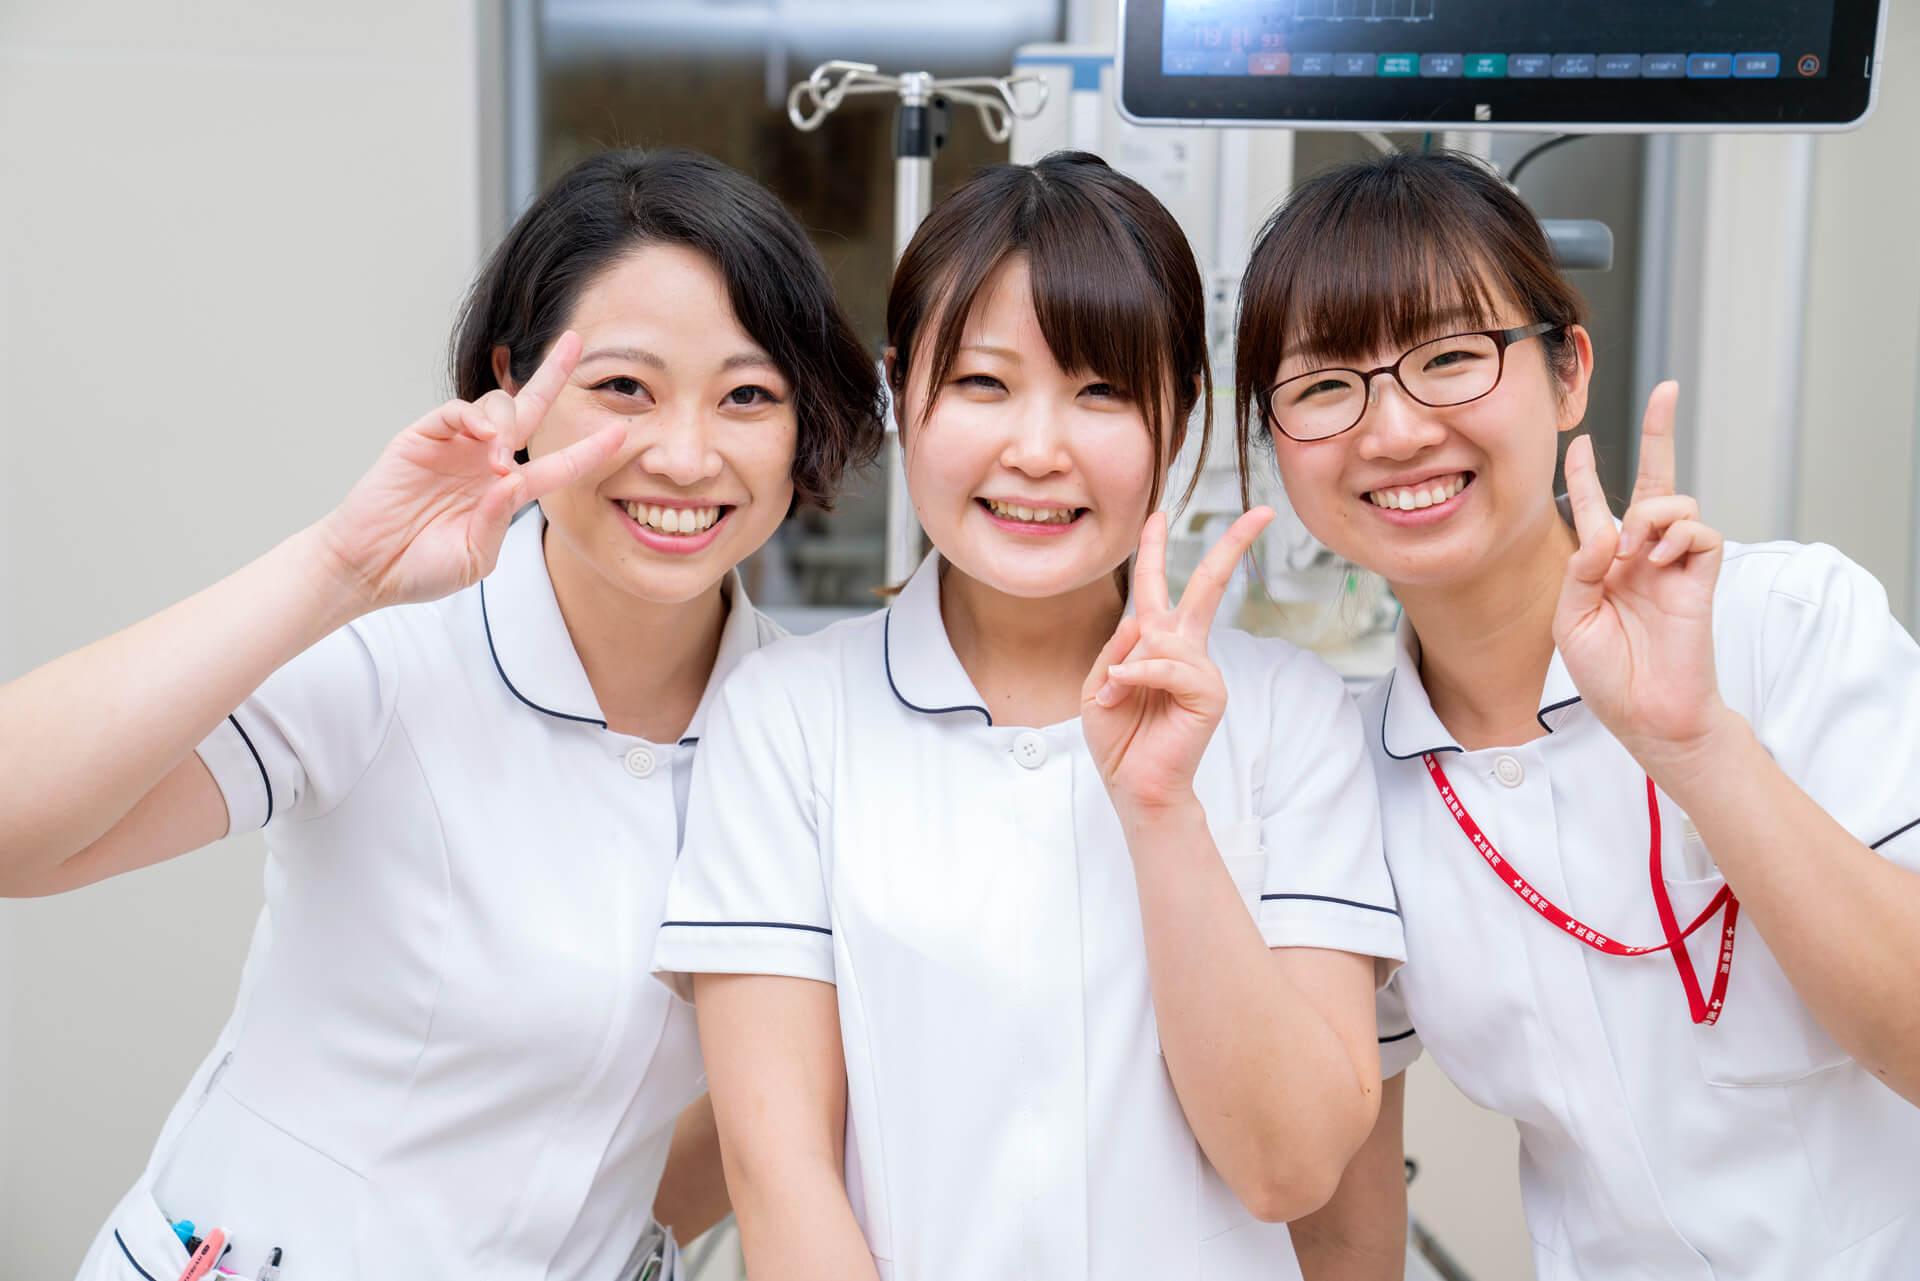 写真:看護師が三人並んでピースしている